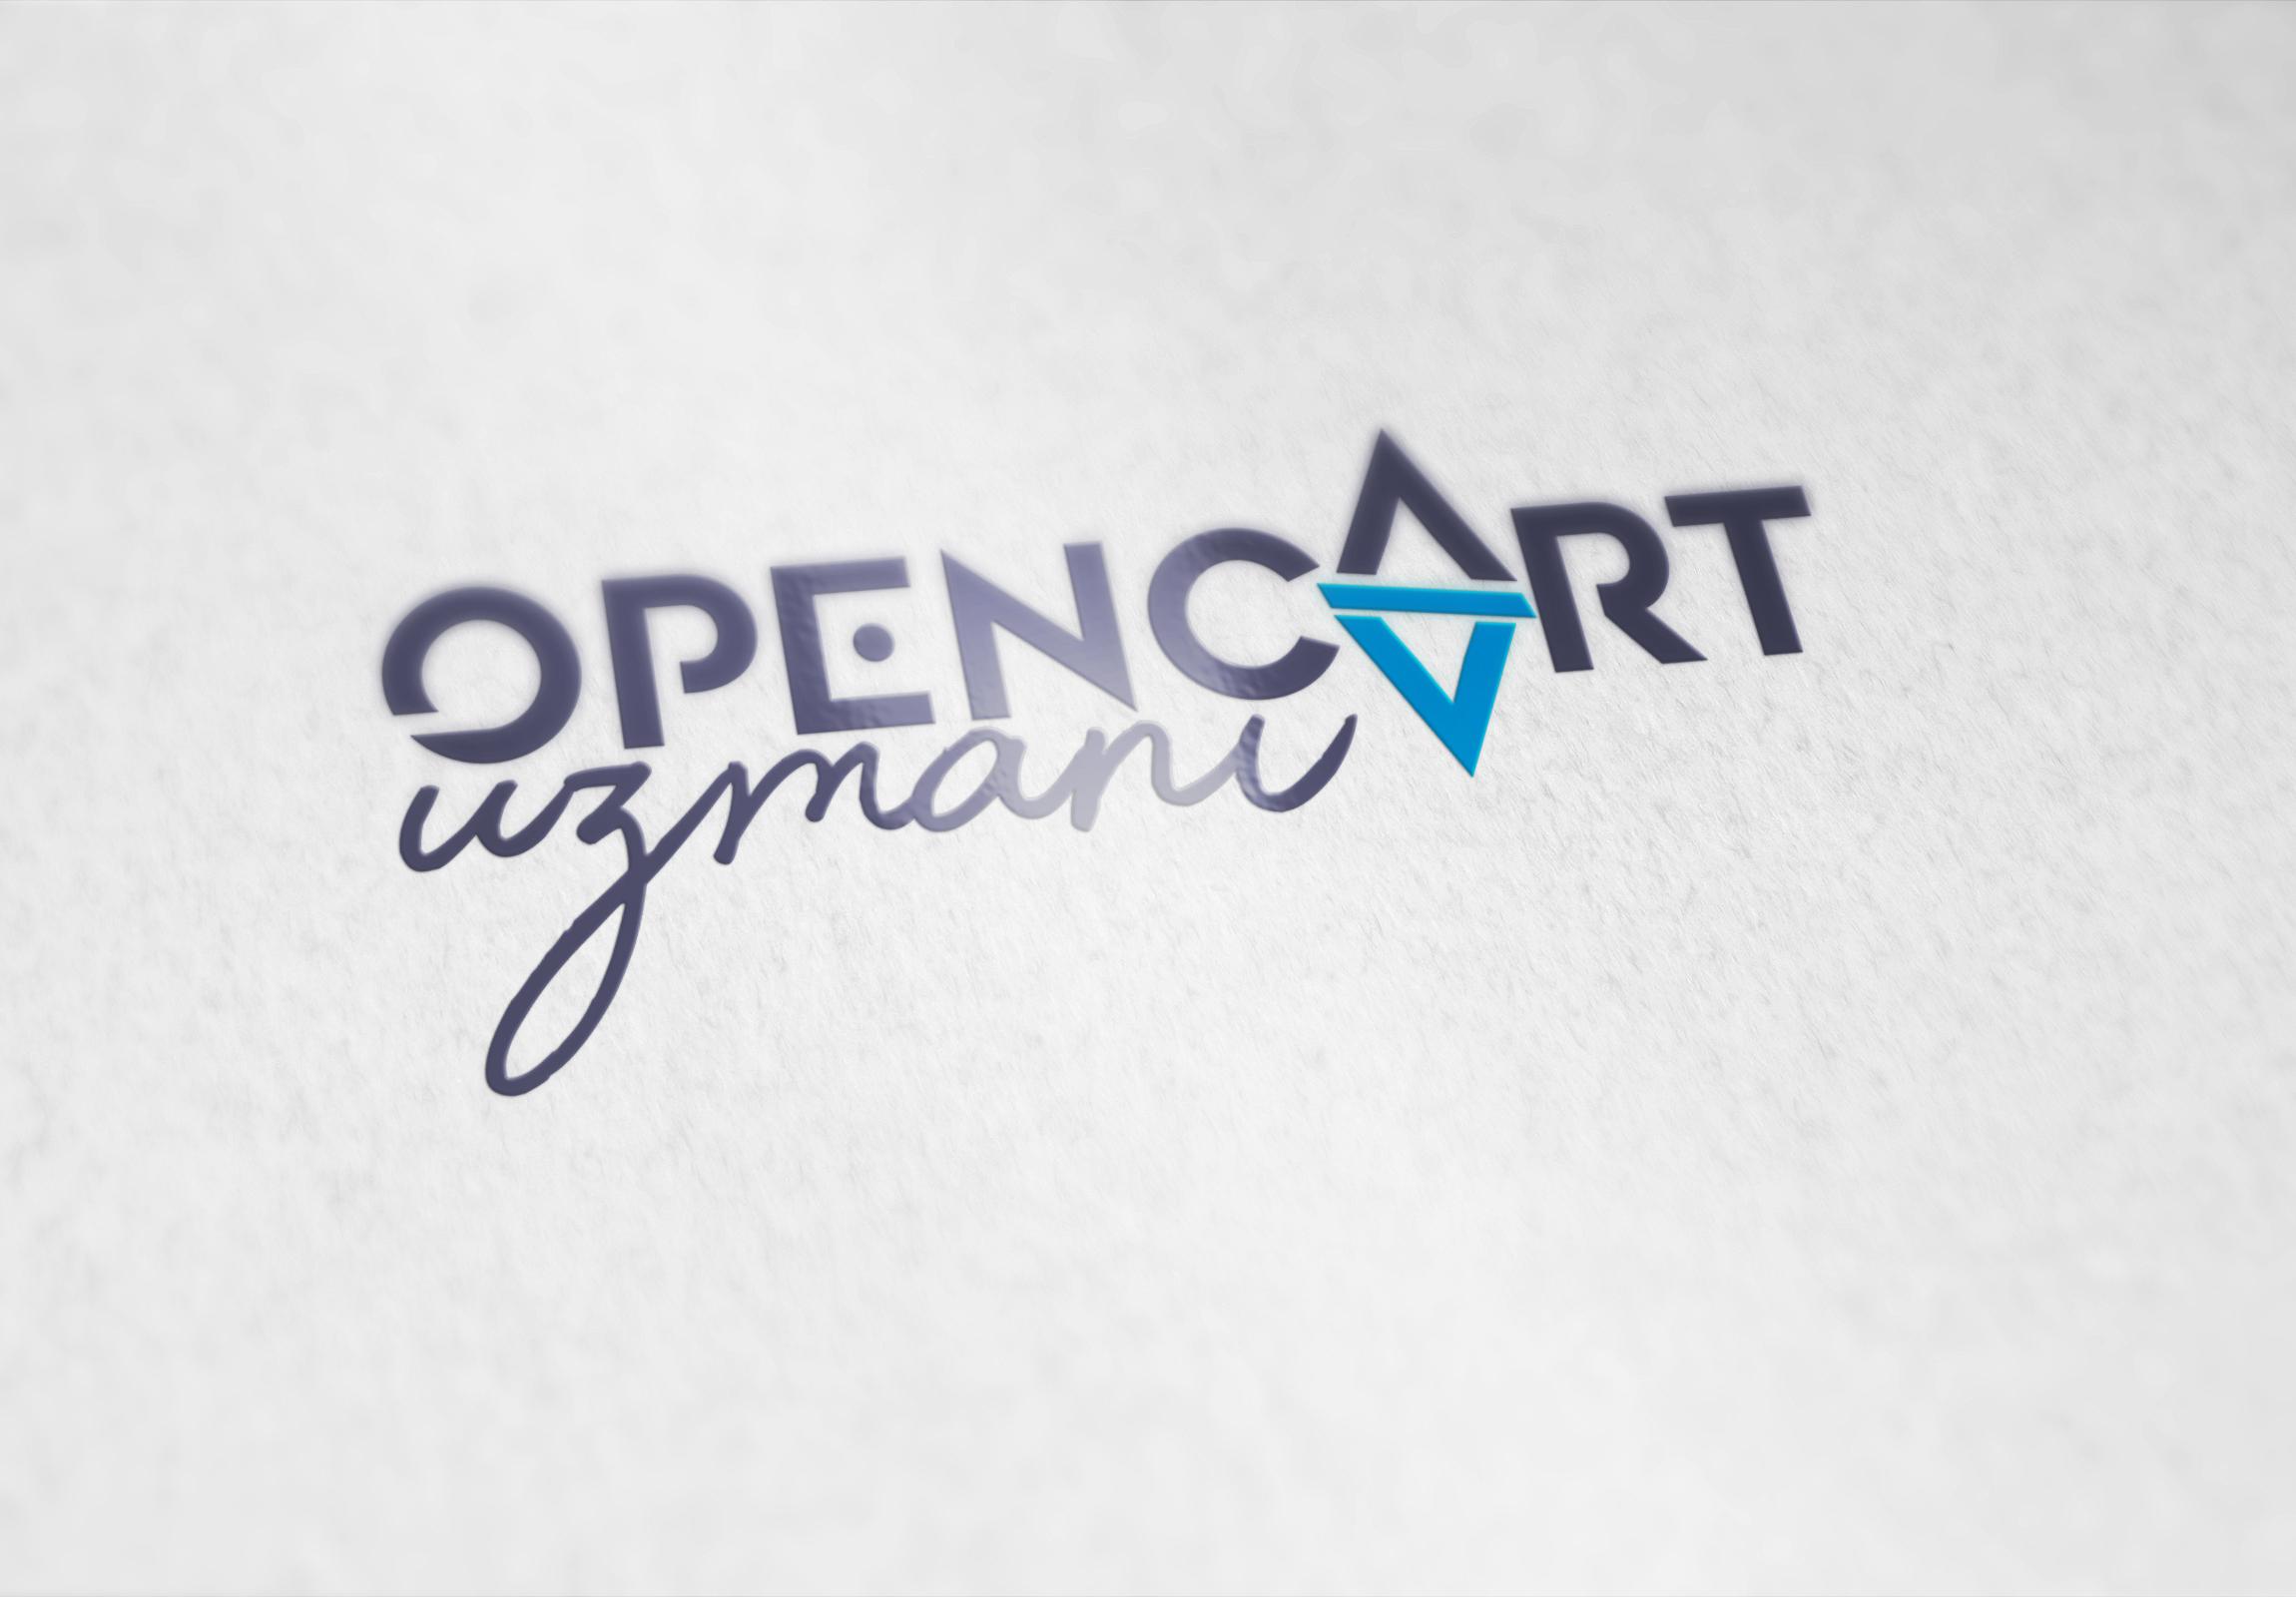 Opencart Uzmanı